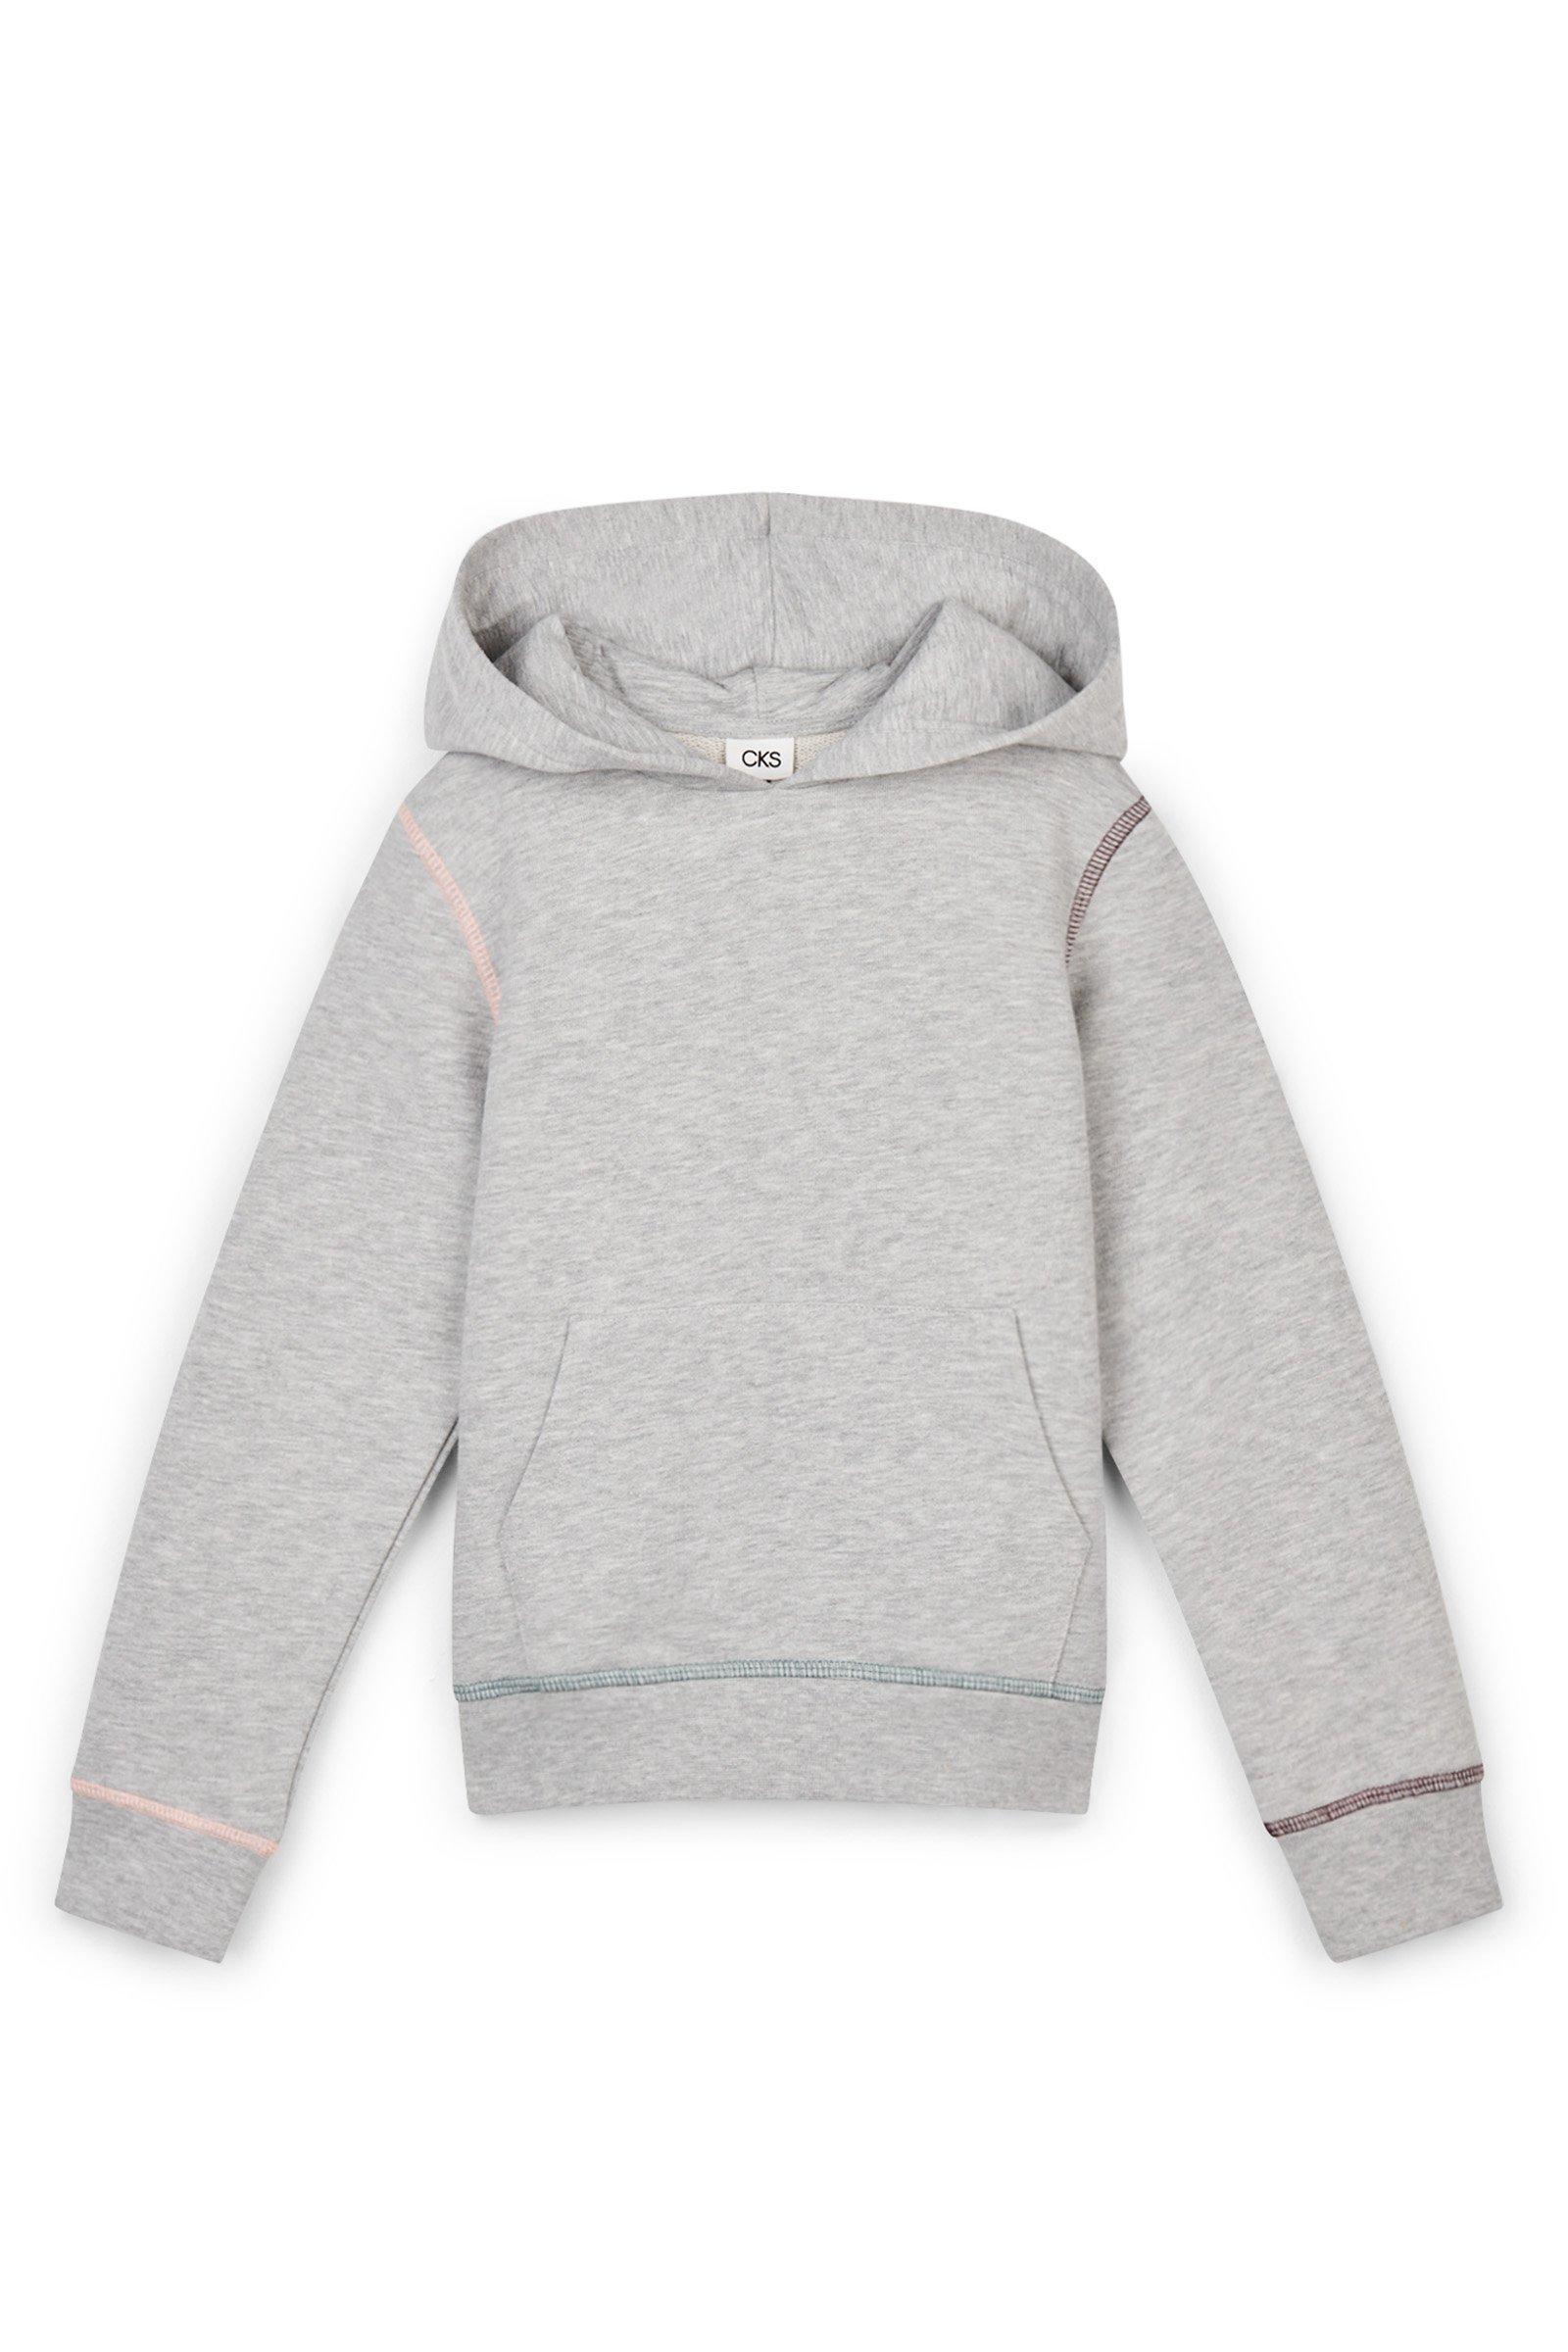 CKS Kids - BARTEL - sweater met capuchon - grijs